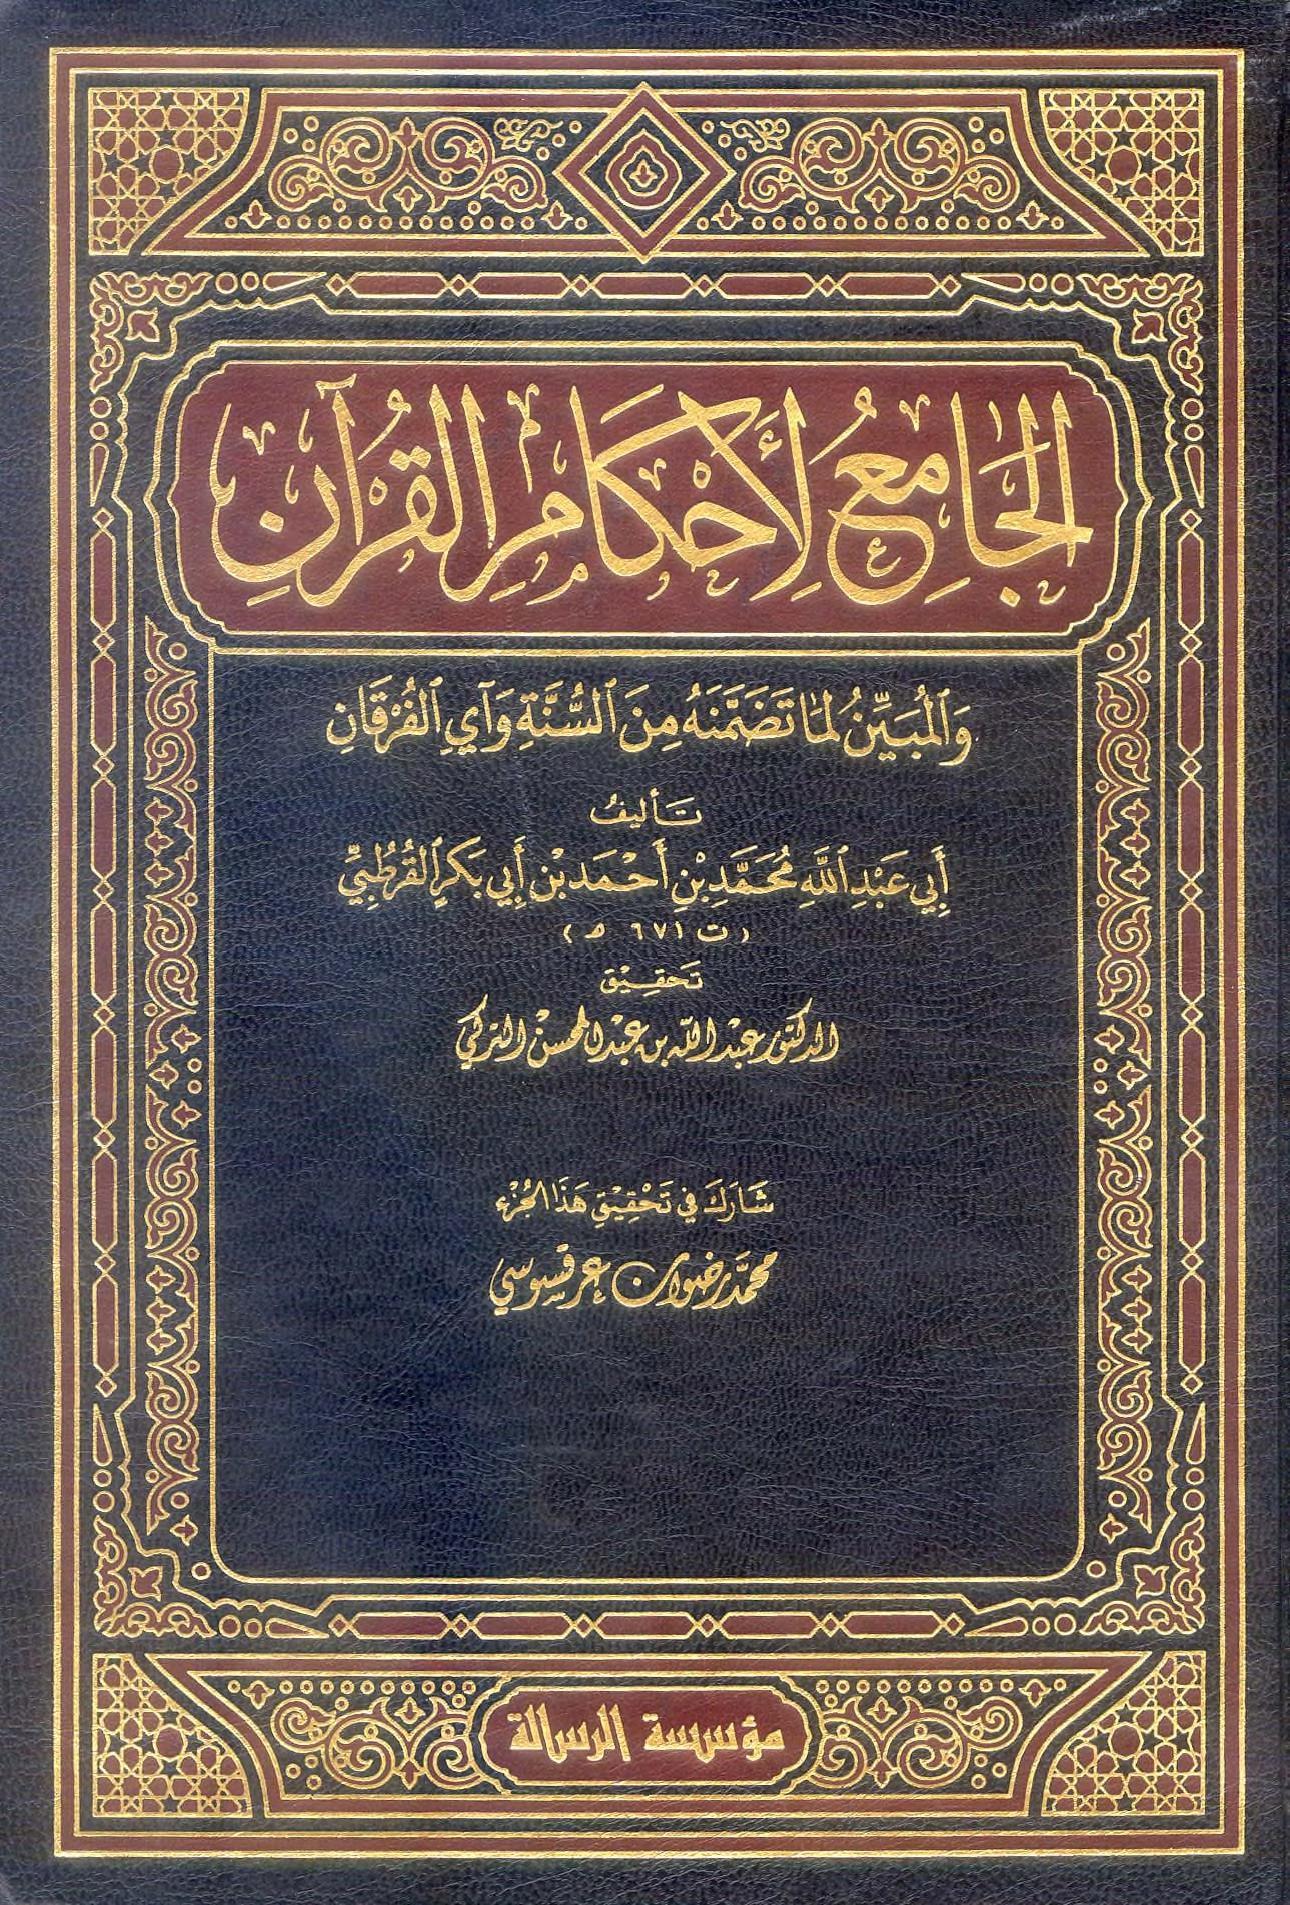 Photo of تحميل كتاب الجامع لأحكام القرآن pdf لـ محمد بن أحمد الأنصاري